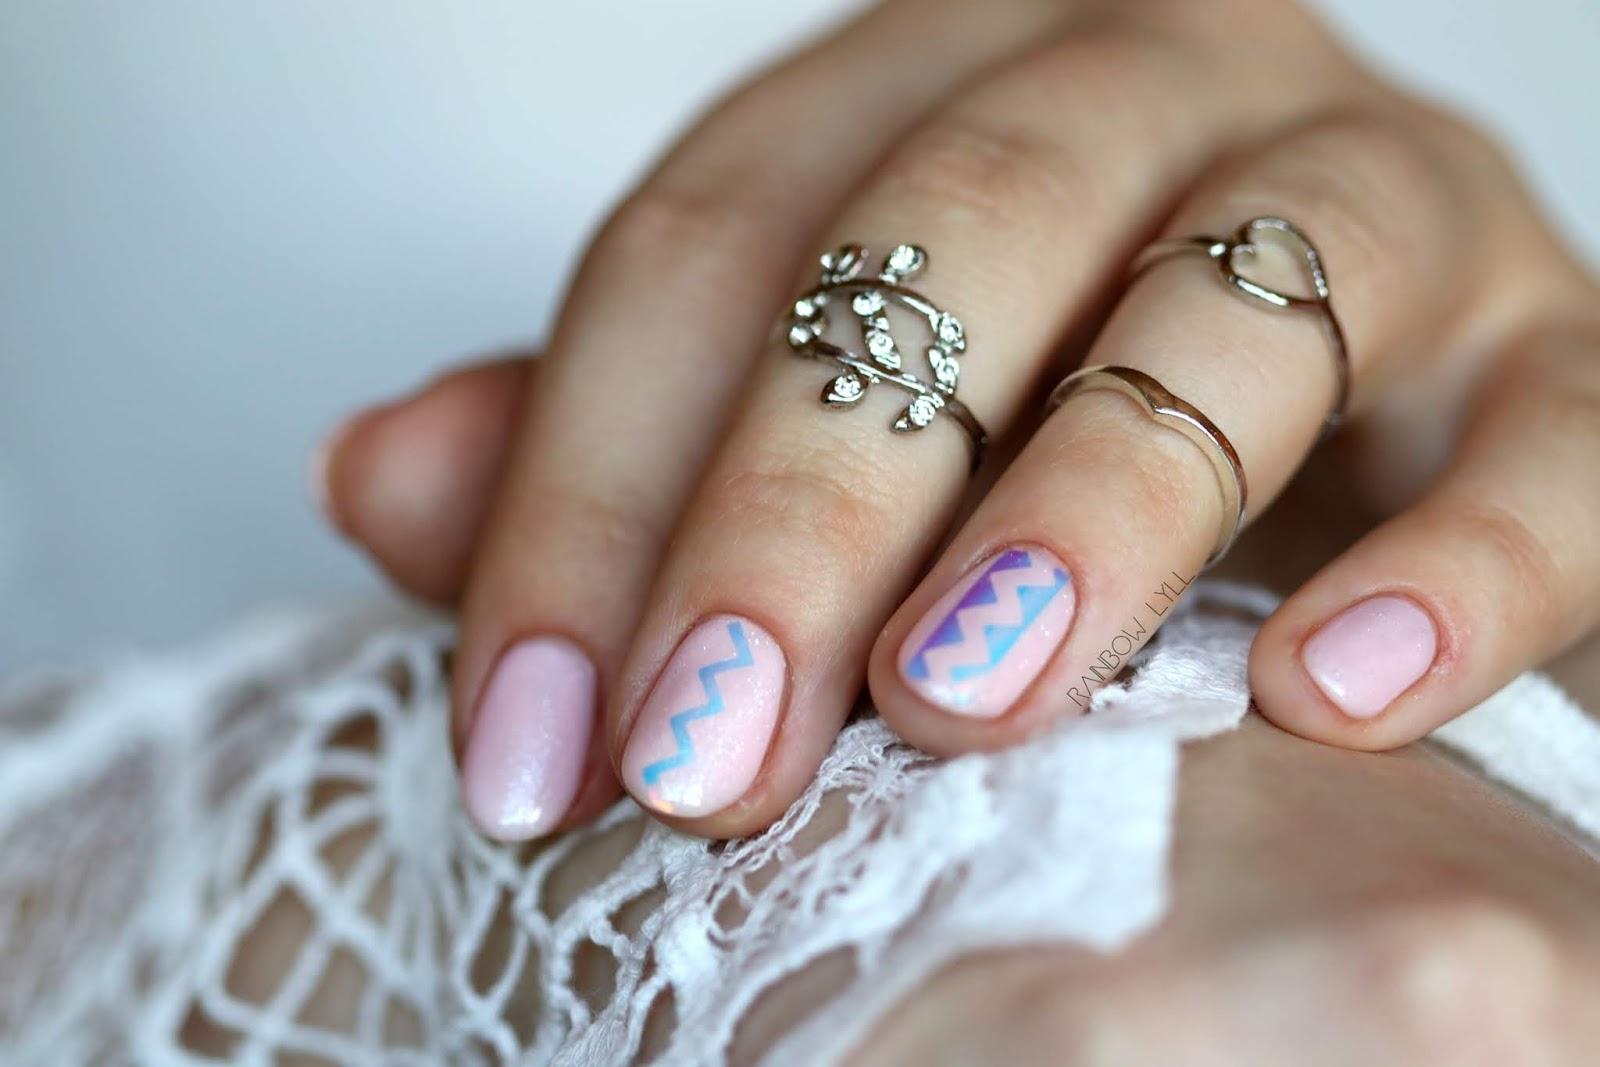 Iliz Beauty Geometryczne Naklejki W Towarzystwie Wedding Princess